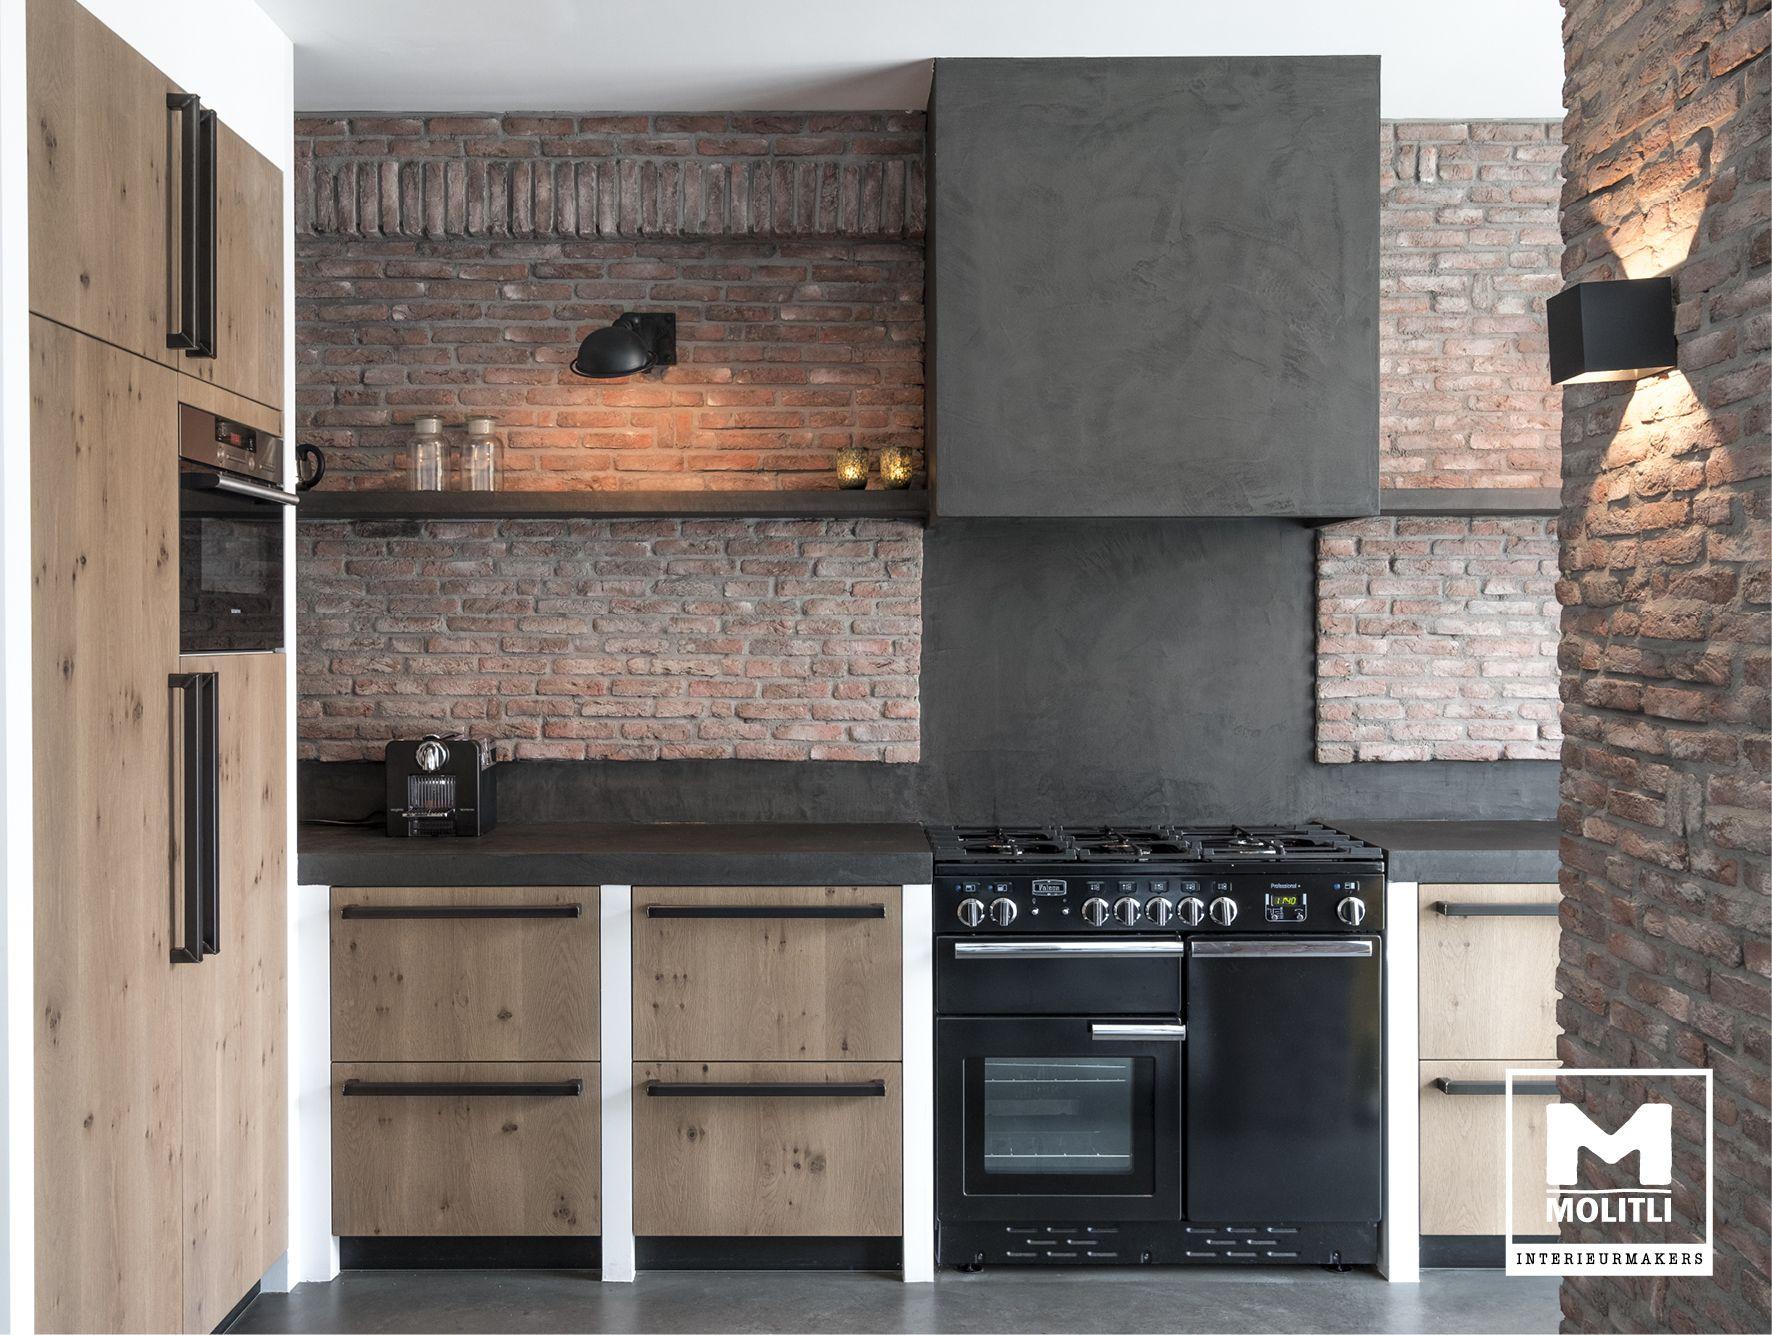 Keuken betonstuc en steense wand keuken